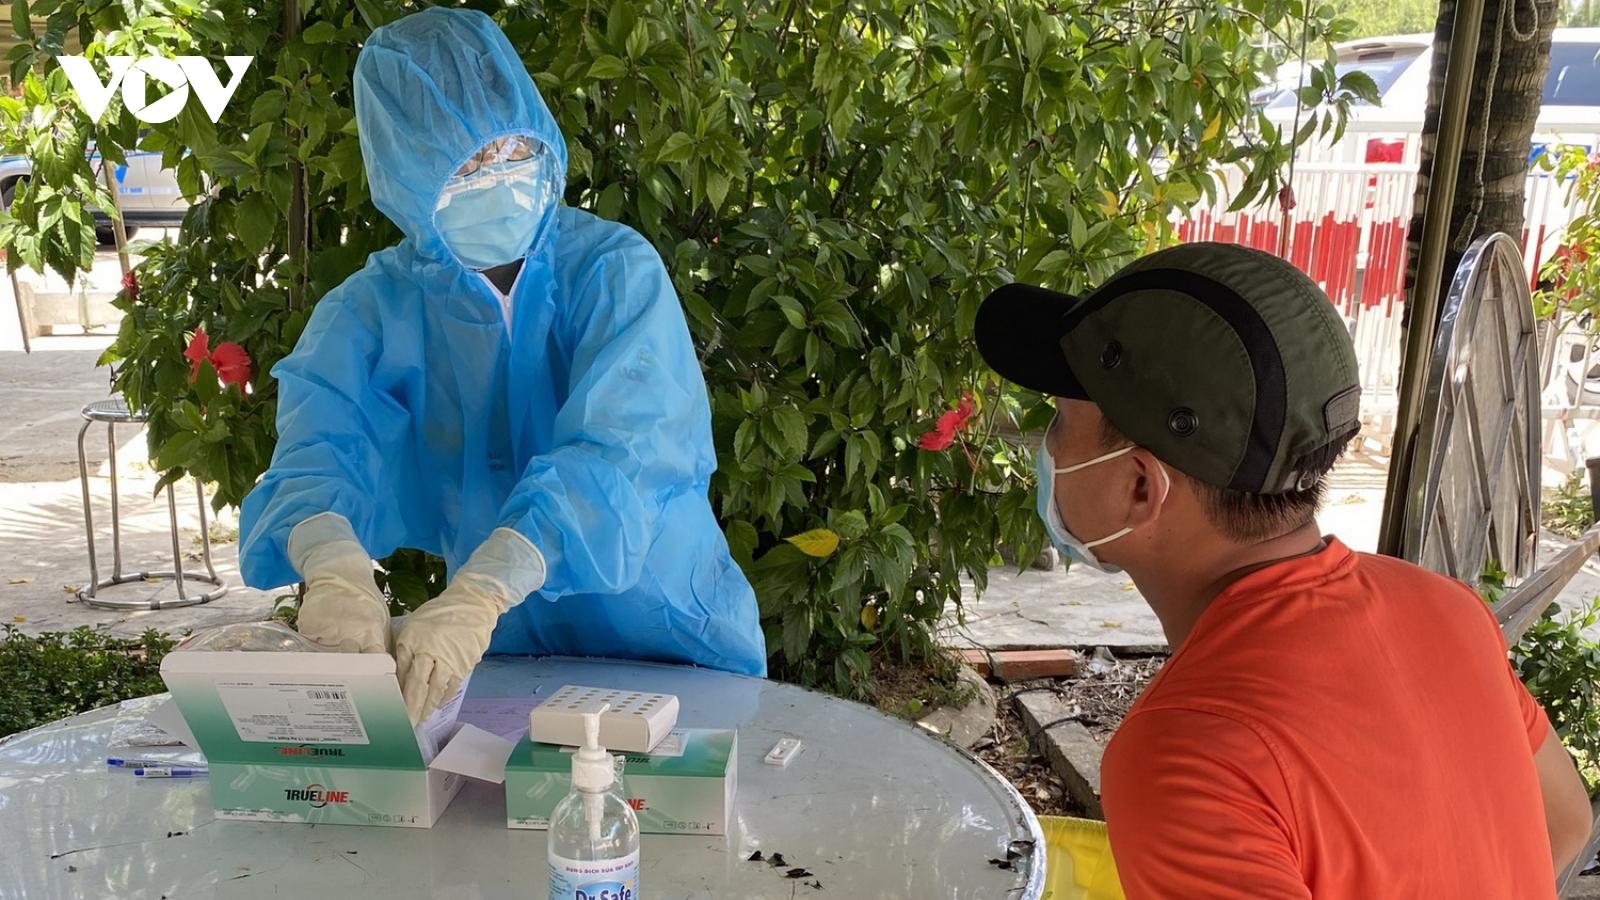 Thêm 1 ca dương tính với SARS-CoV-2, Bình Định phong tỏa 2 phường